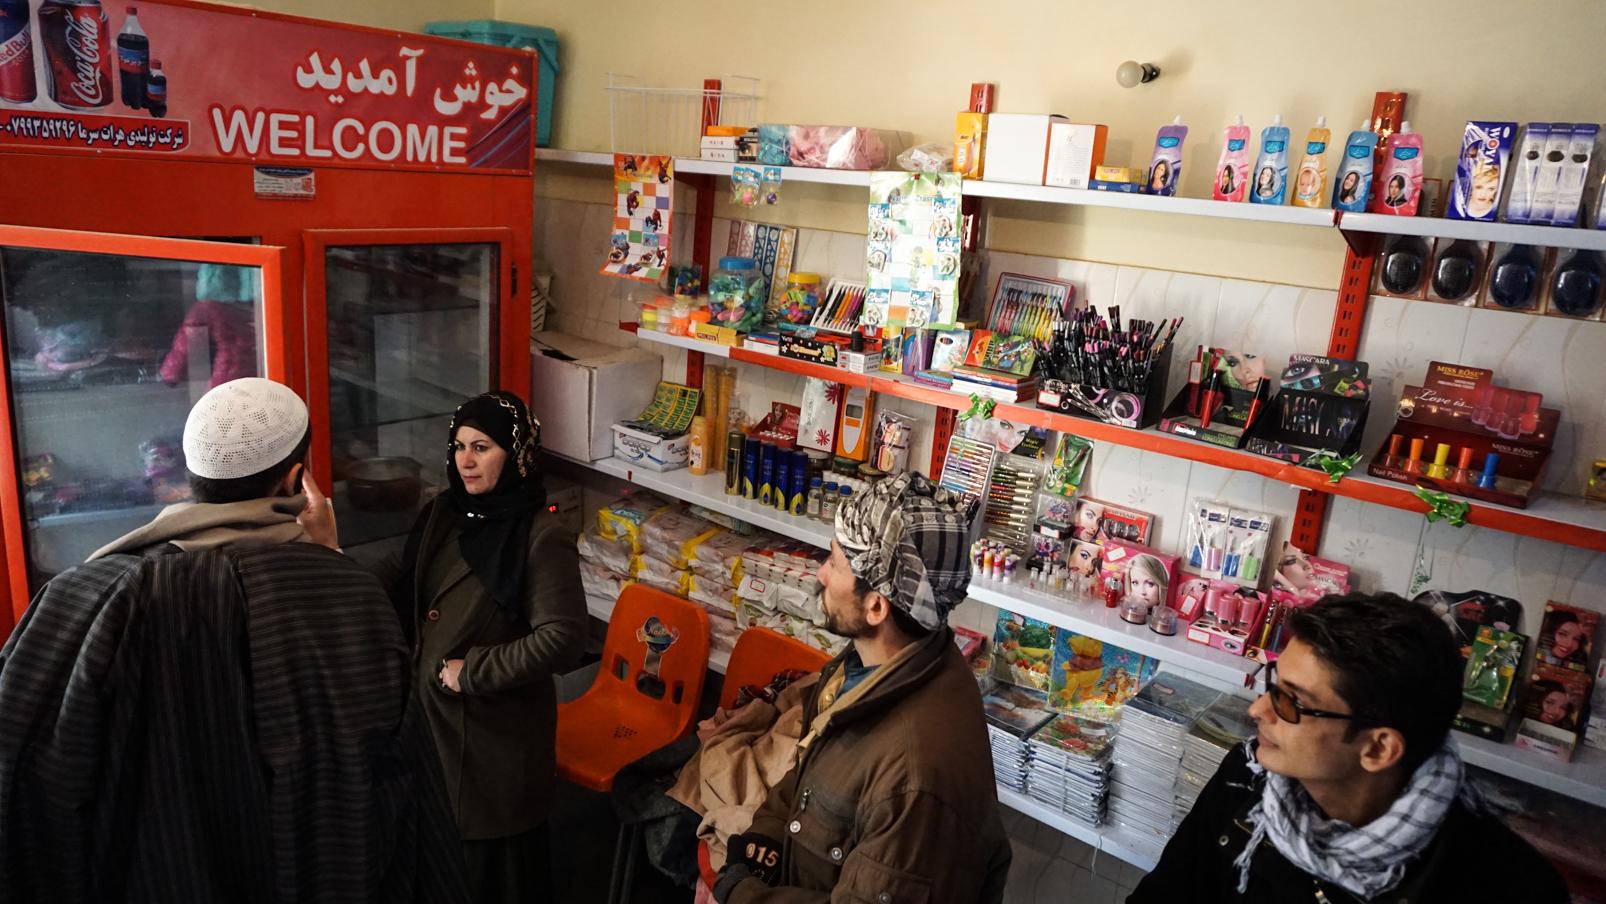 Der hauseigene Laden des Frauenkollektivs in Shakiban